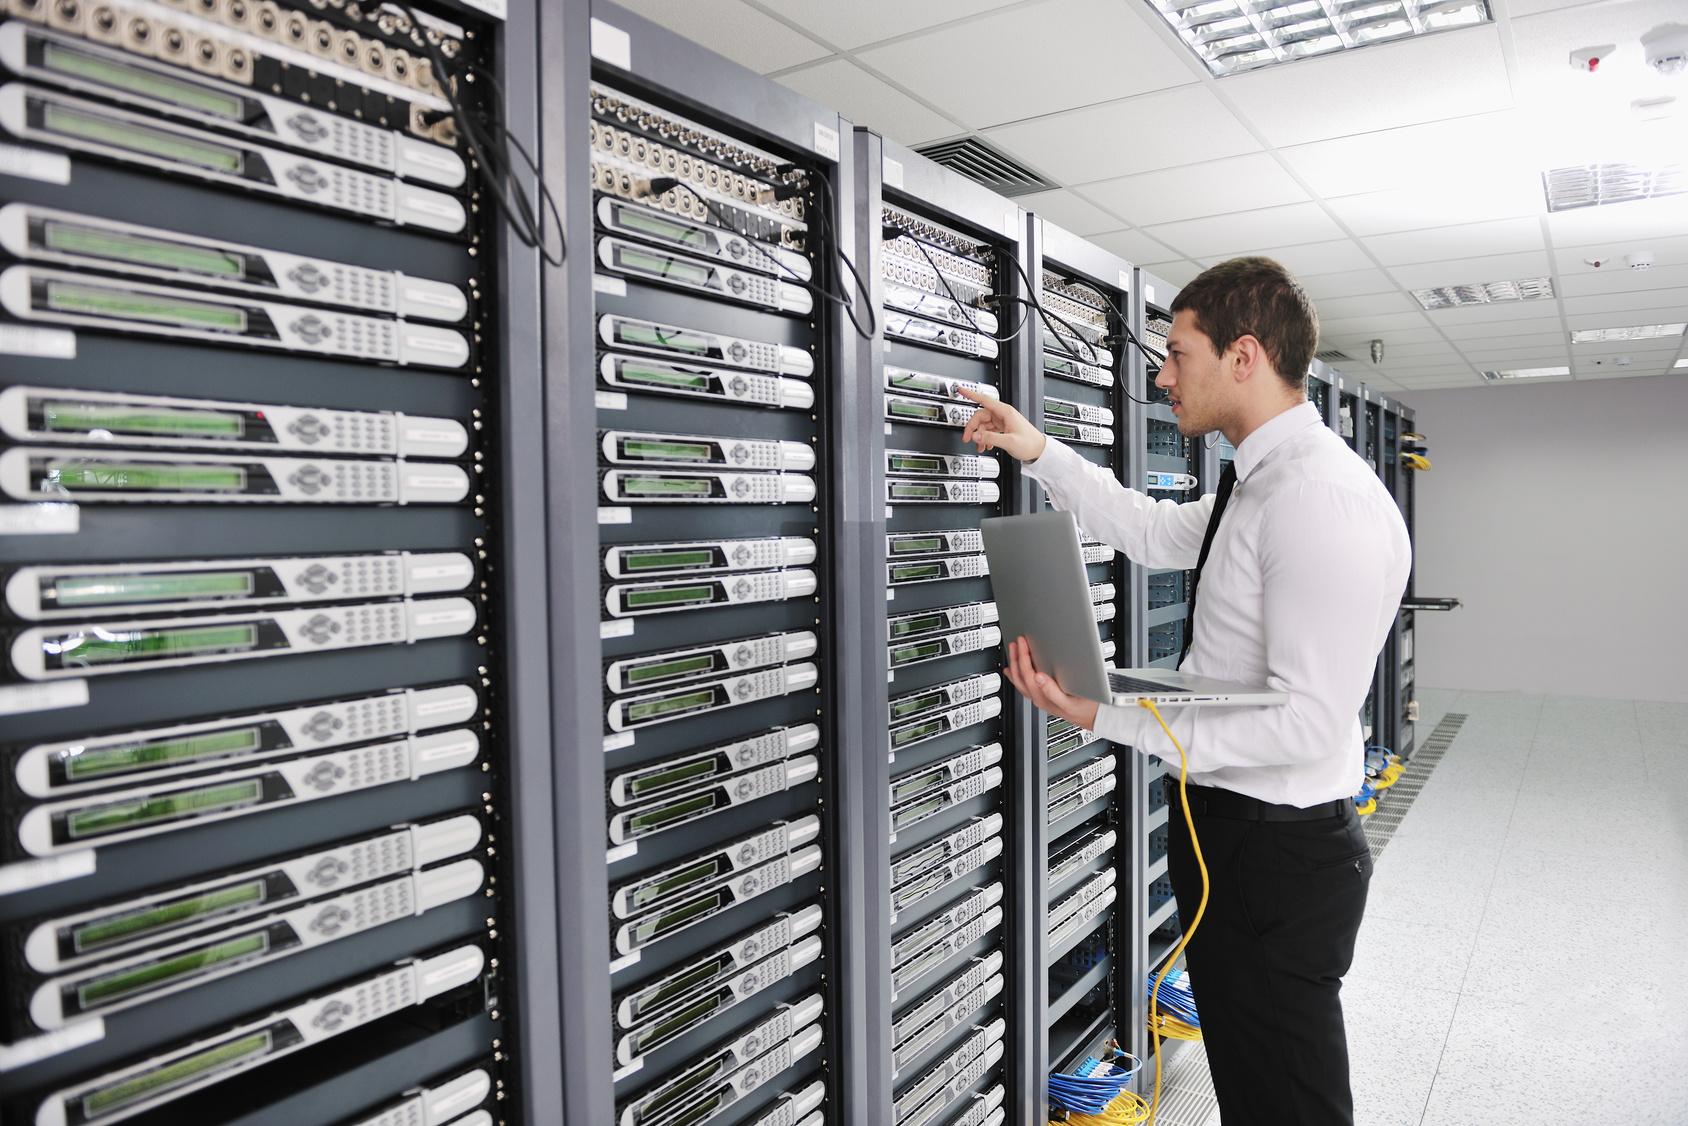 administracja baza danych oraz serwerami